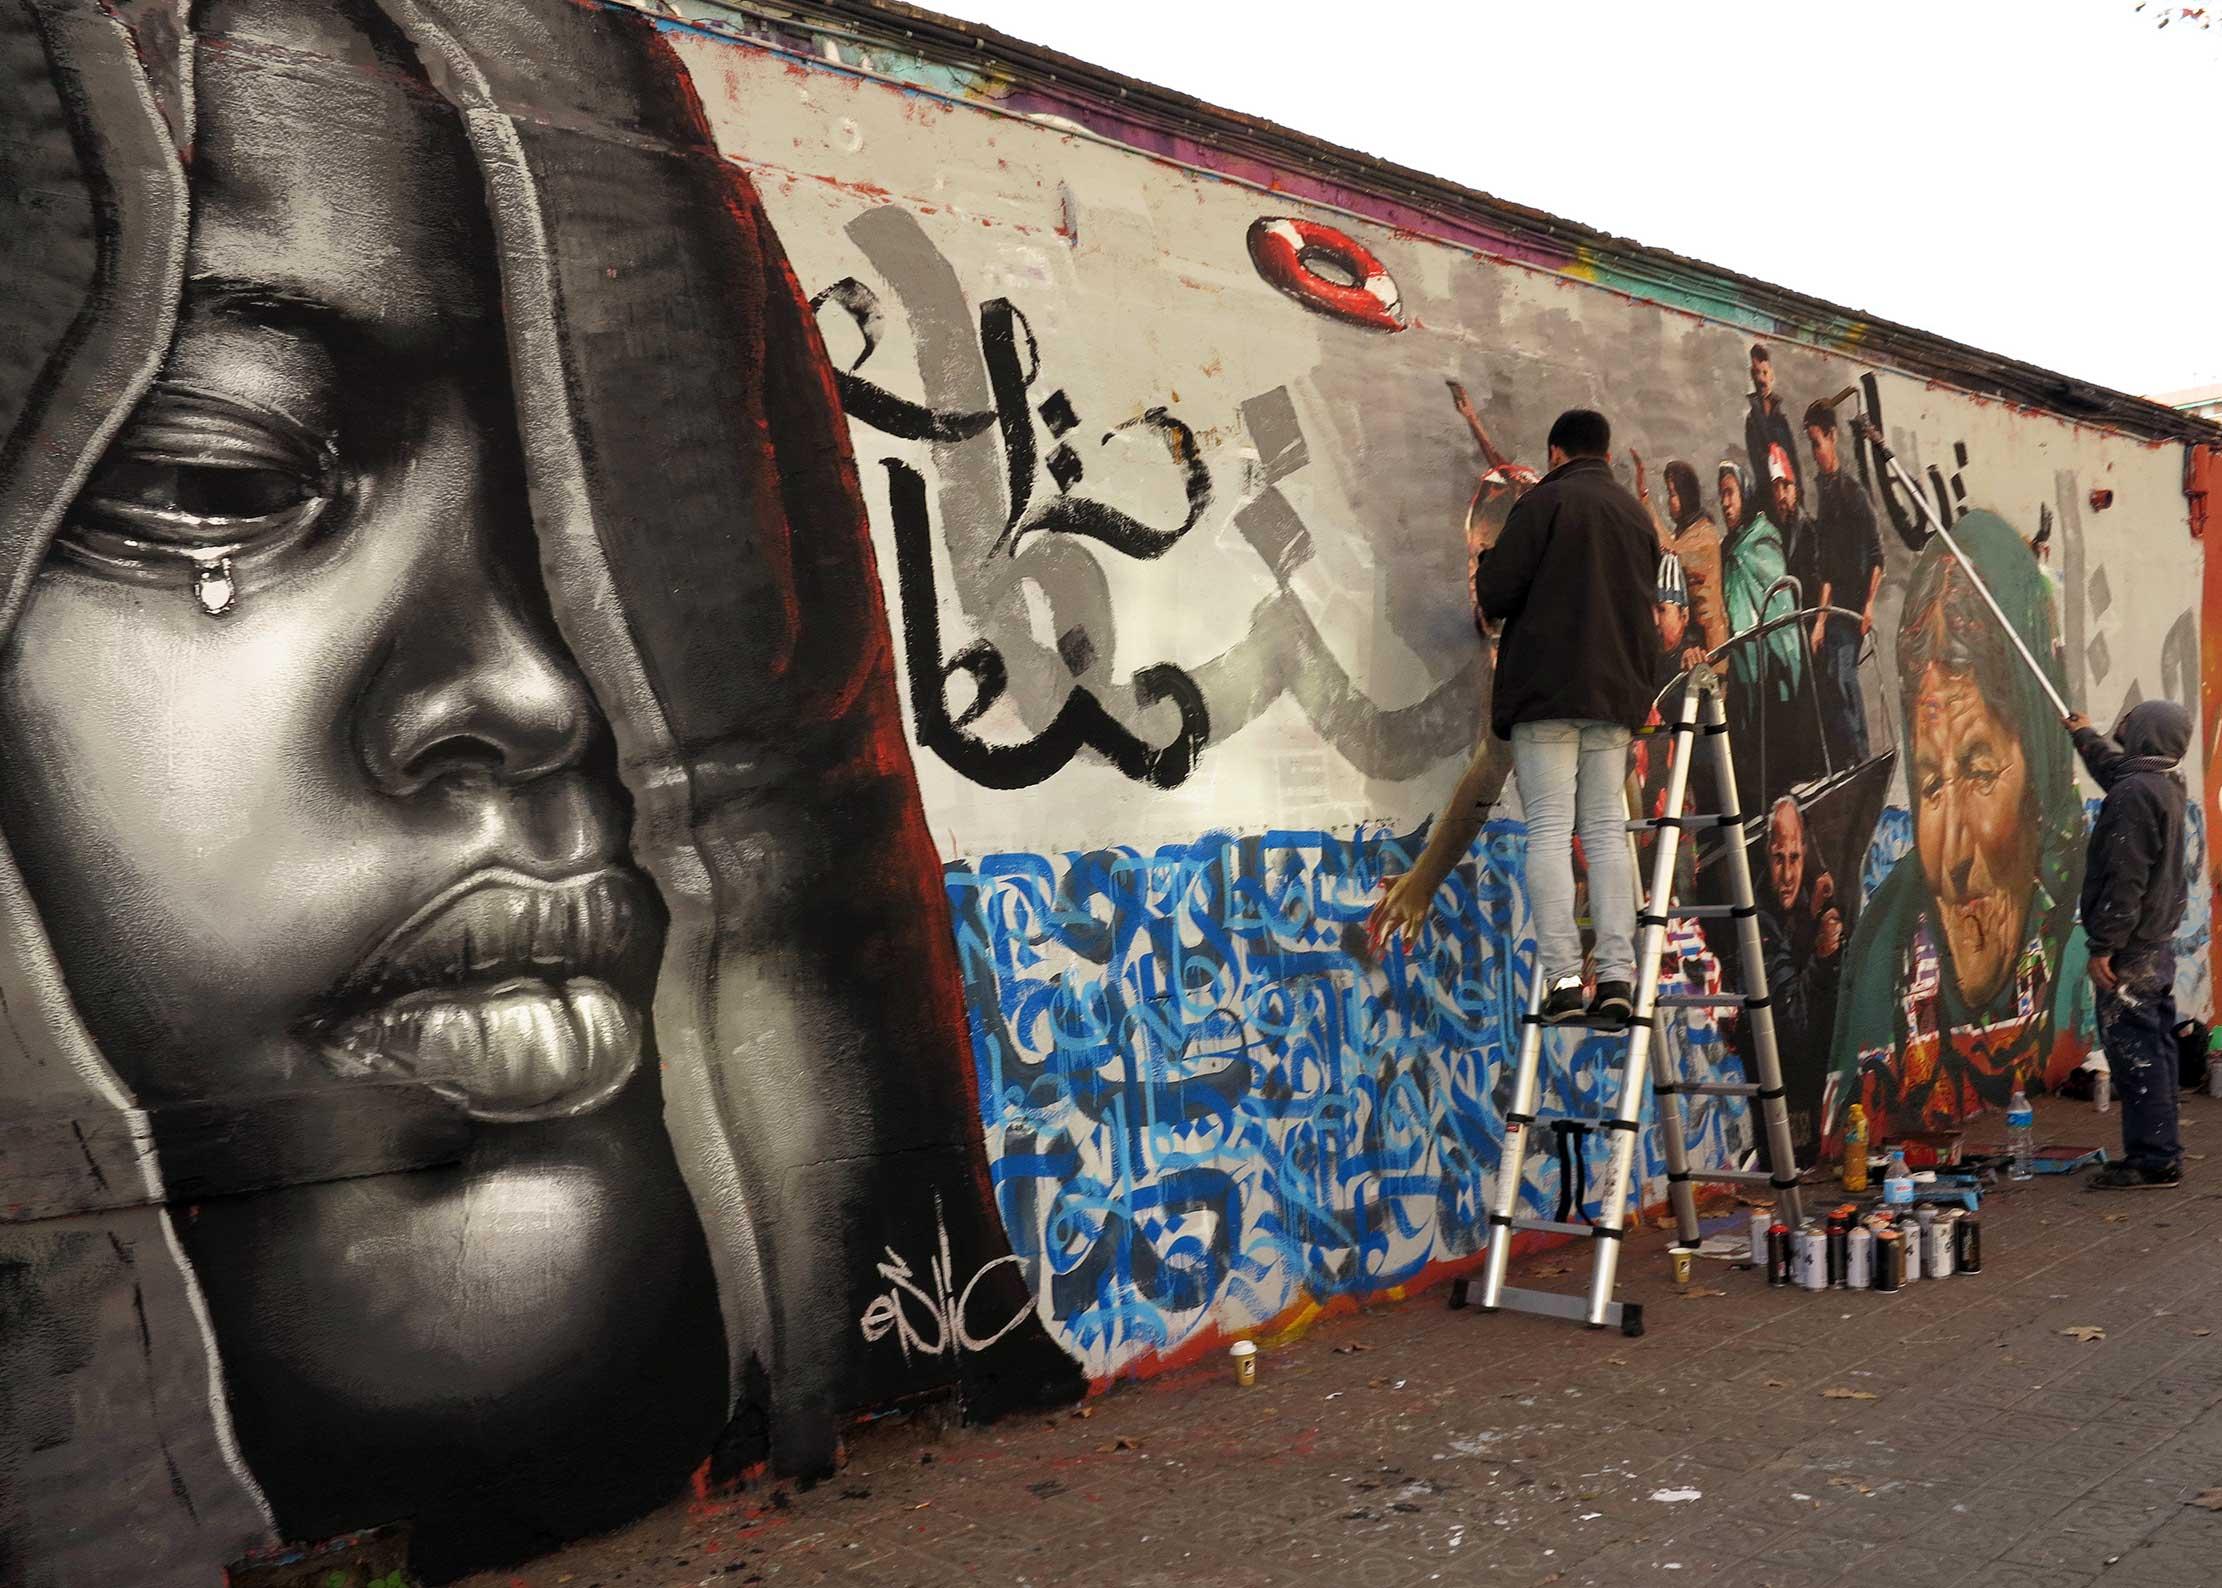 Mural colectivo una denuncia por lo que ocurre con los for Arte colectivo mural